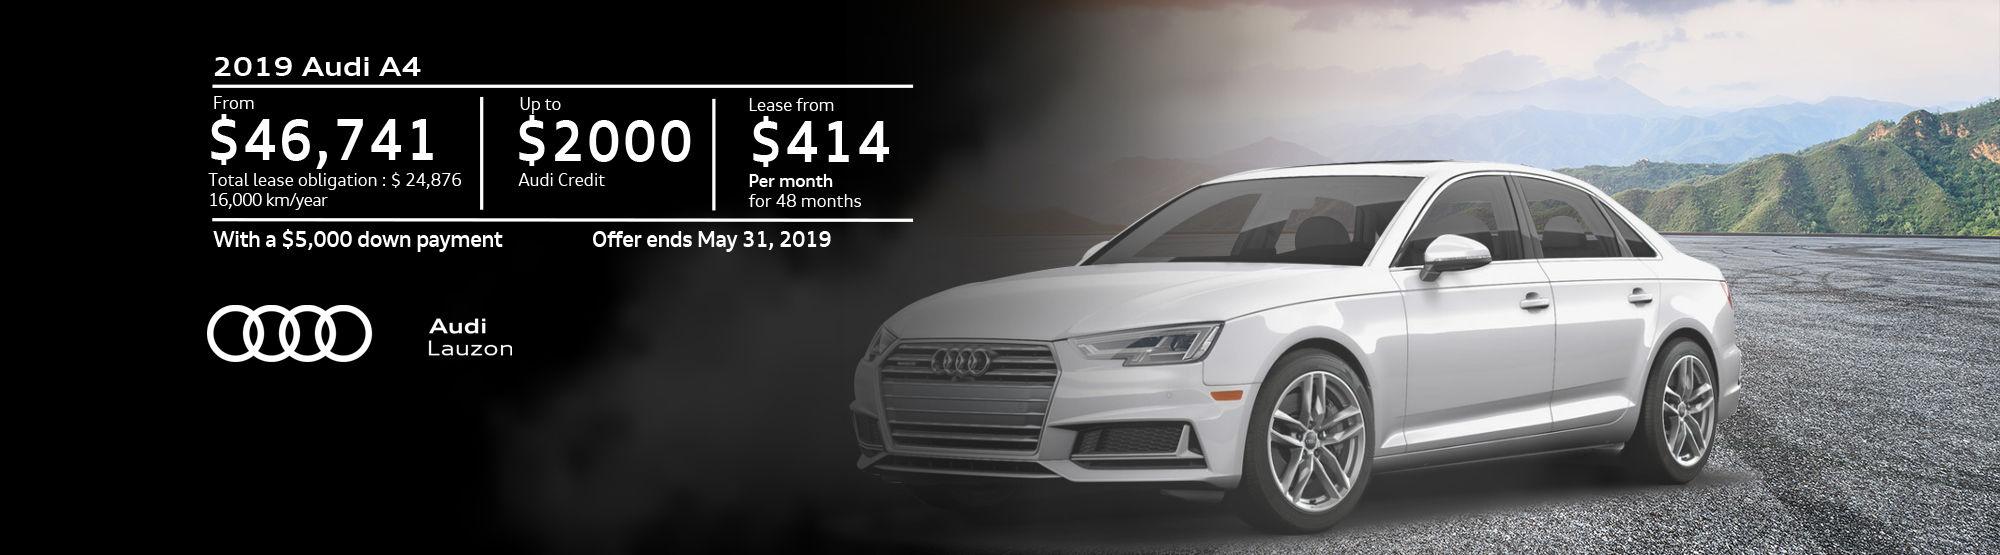 Audi A4 May 2019